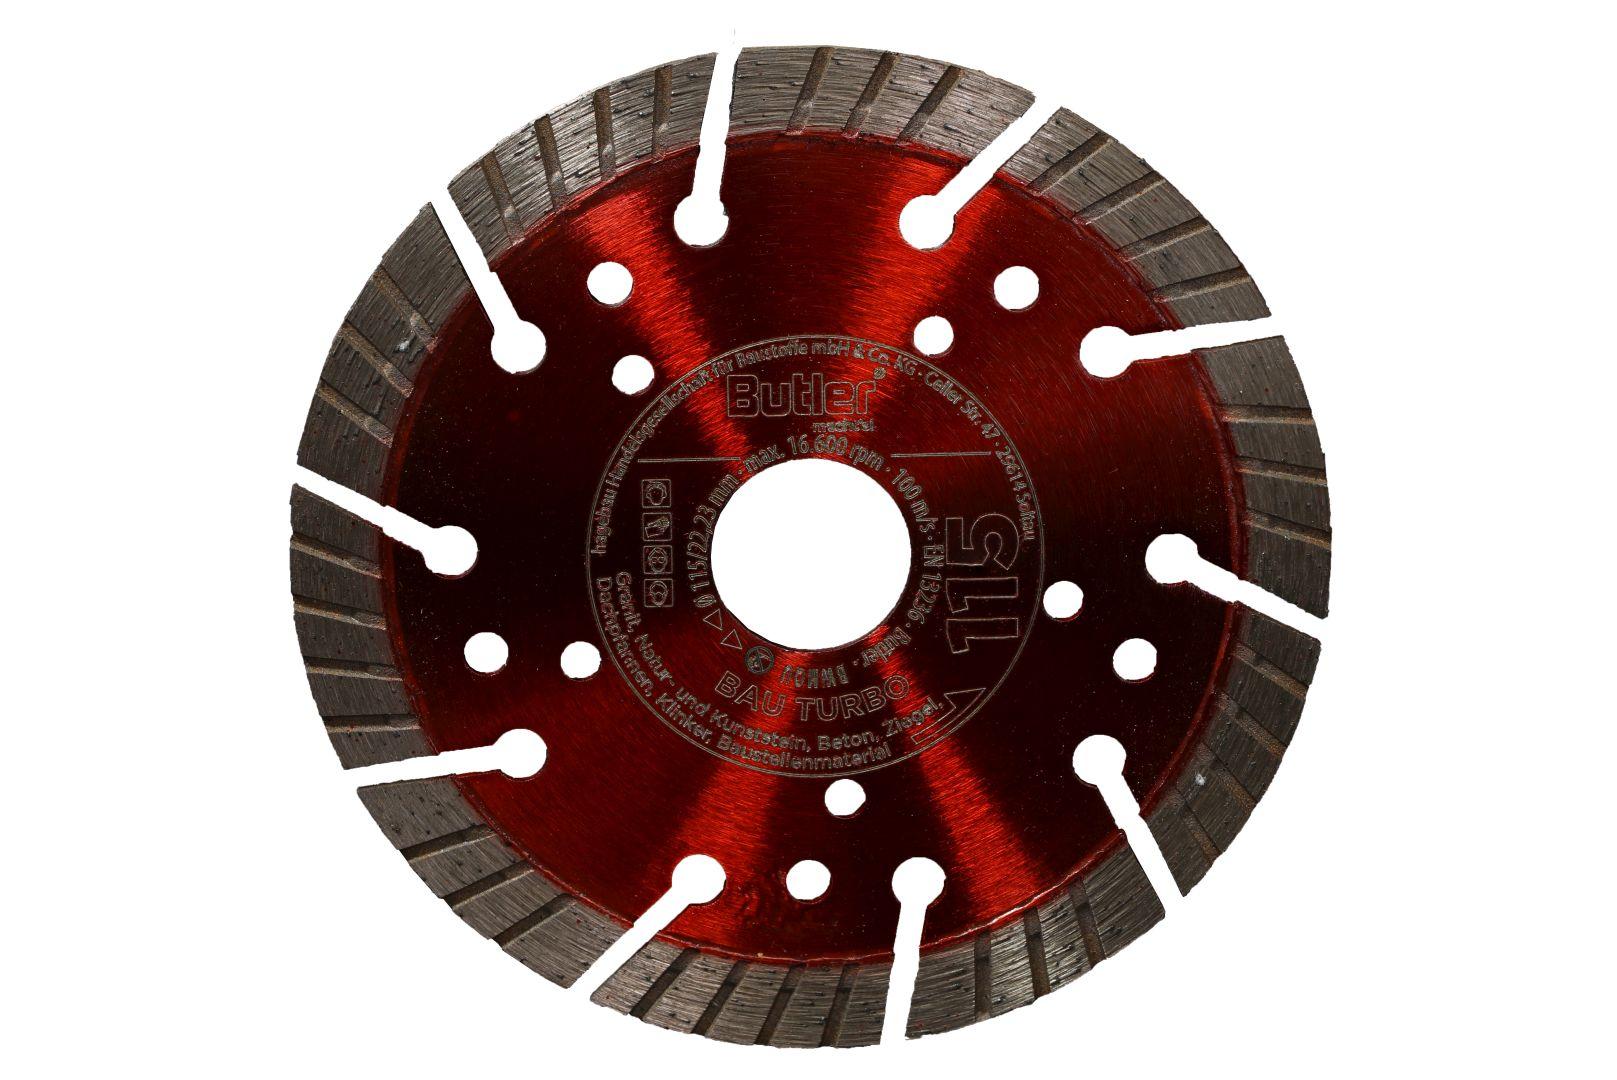 Butler macht's! Diamant-Trennscheibe Bau Turbo, Bohrung: 22,23 mm, Ø 115 mm